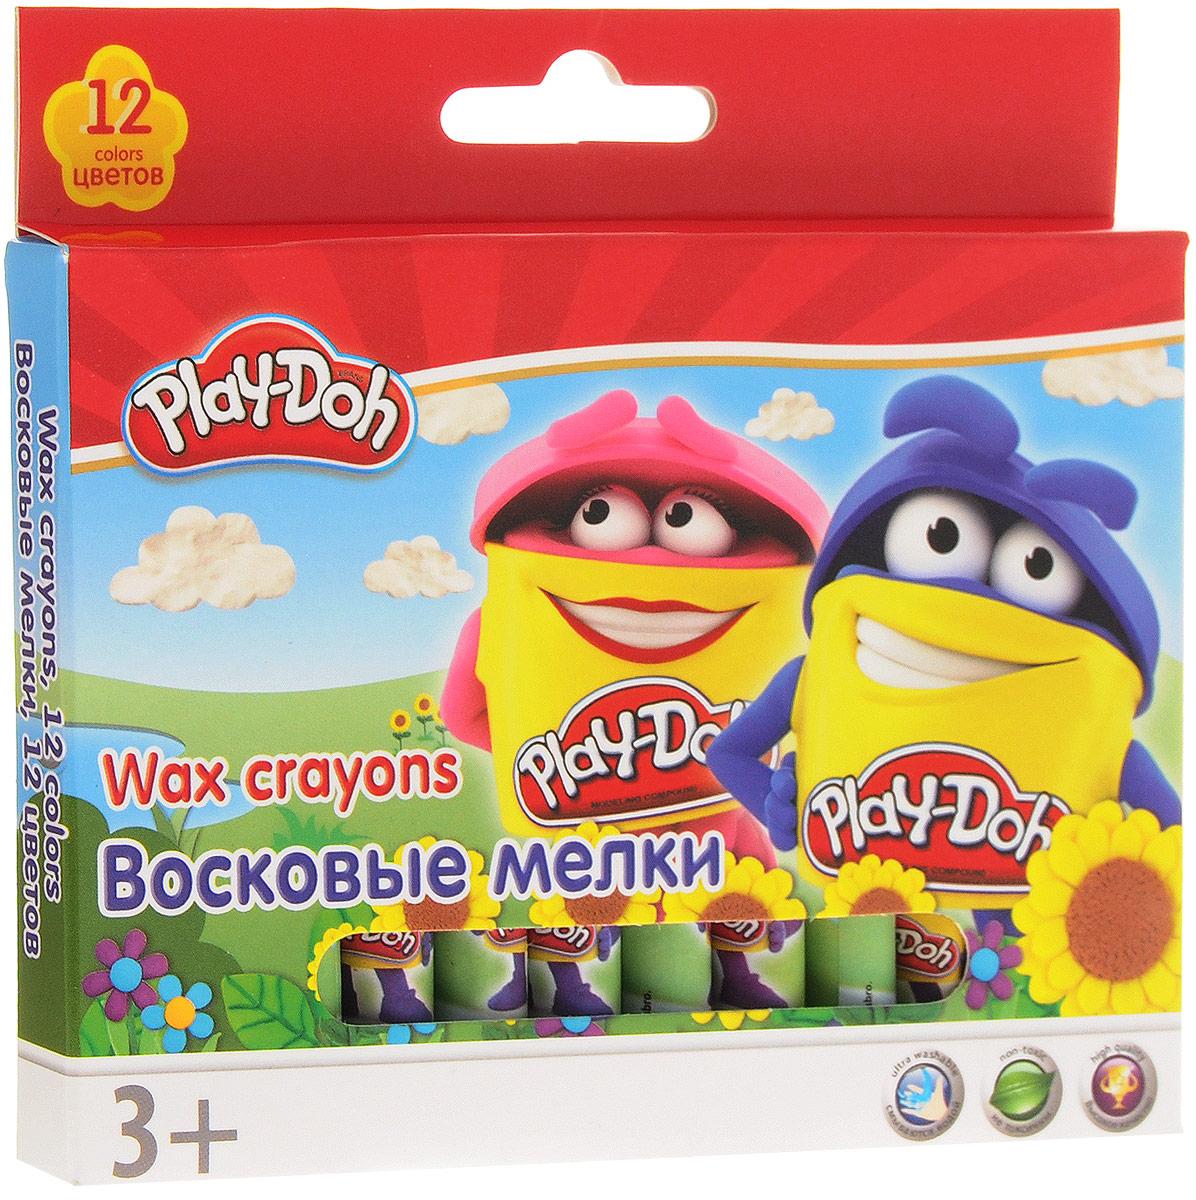 Play-Doh Набор восковых мелков 12 цветов0775B001Набор восковых мелков Play-Doh имеет насыщенные и сочные цвета.Мелки мягкие, не требуют сильного нажима. Стираются ластиком. Мелки самозатачиваются при рисовании. Не токсичны, безопасны. Каждый мелок имеет индивидуальную упаковку.Набор восковых мелков Play-Doh поможет раскрыть художественные способности, развить фантазию, усовершенствовать навыки рисования.